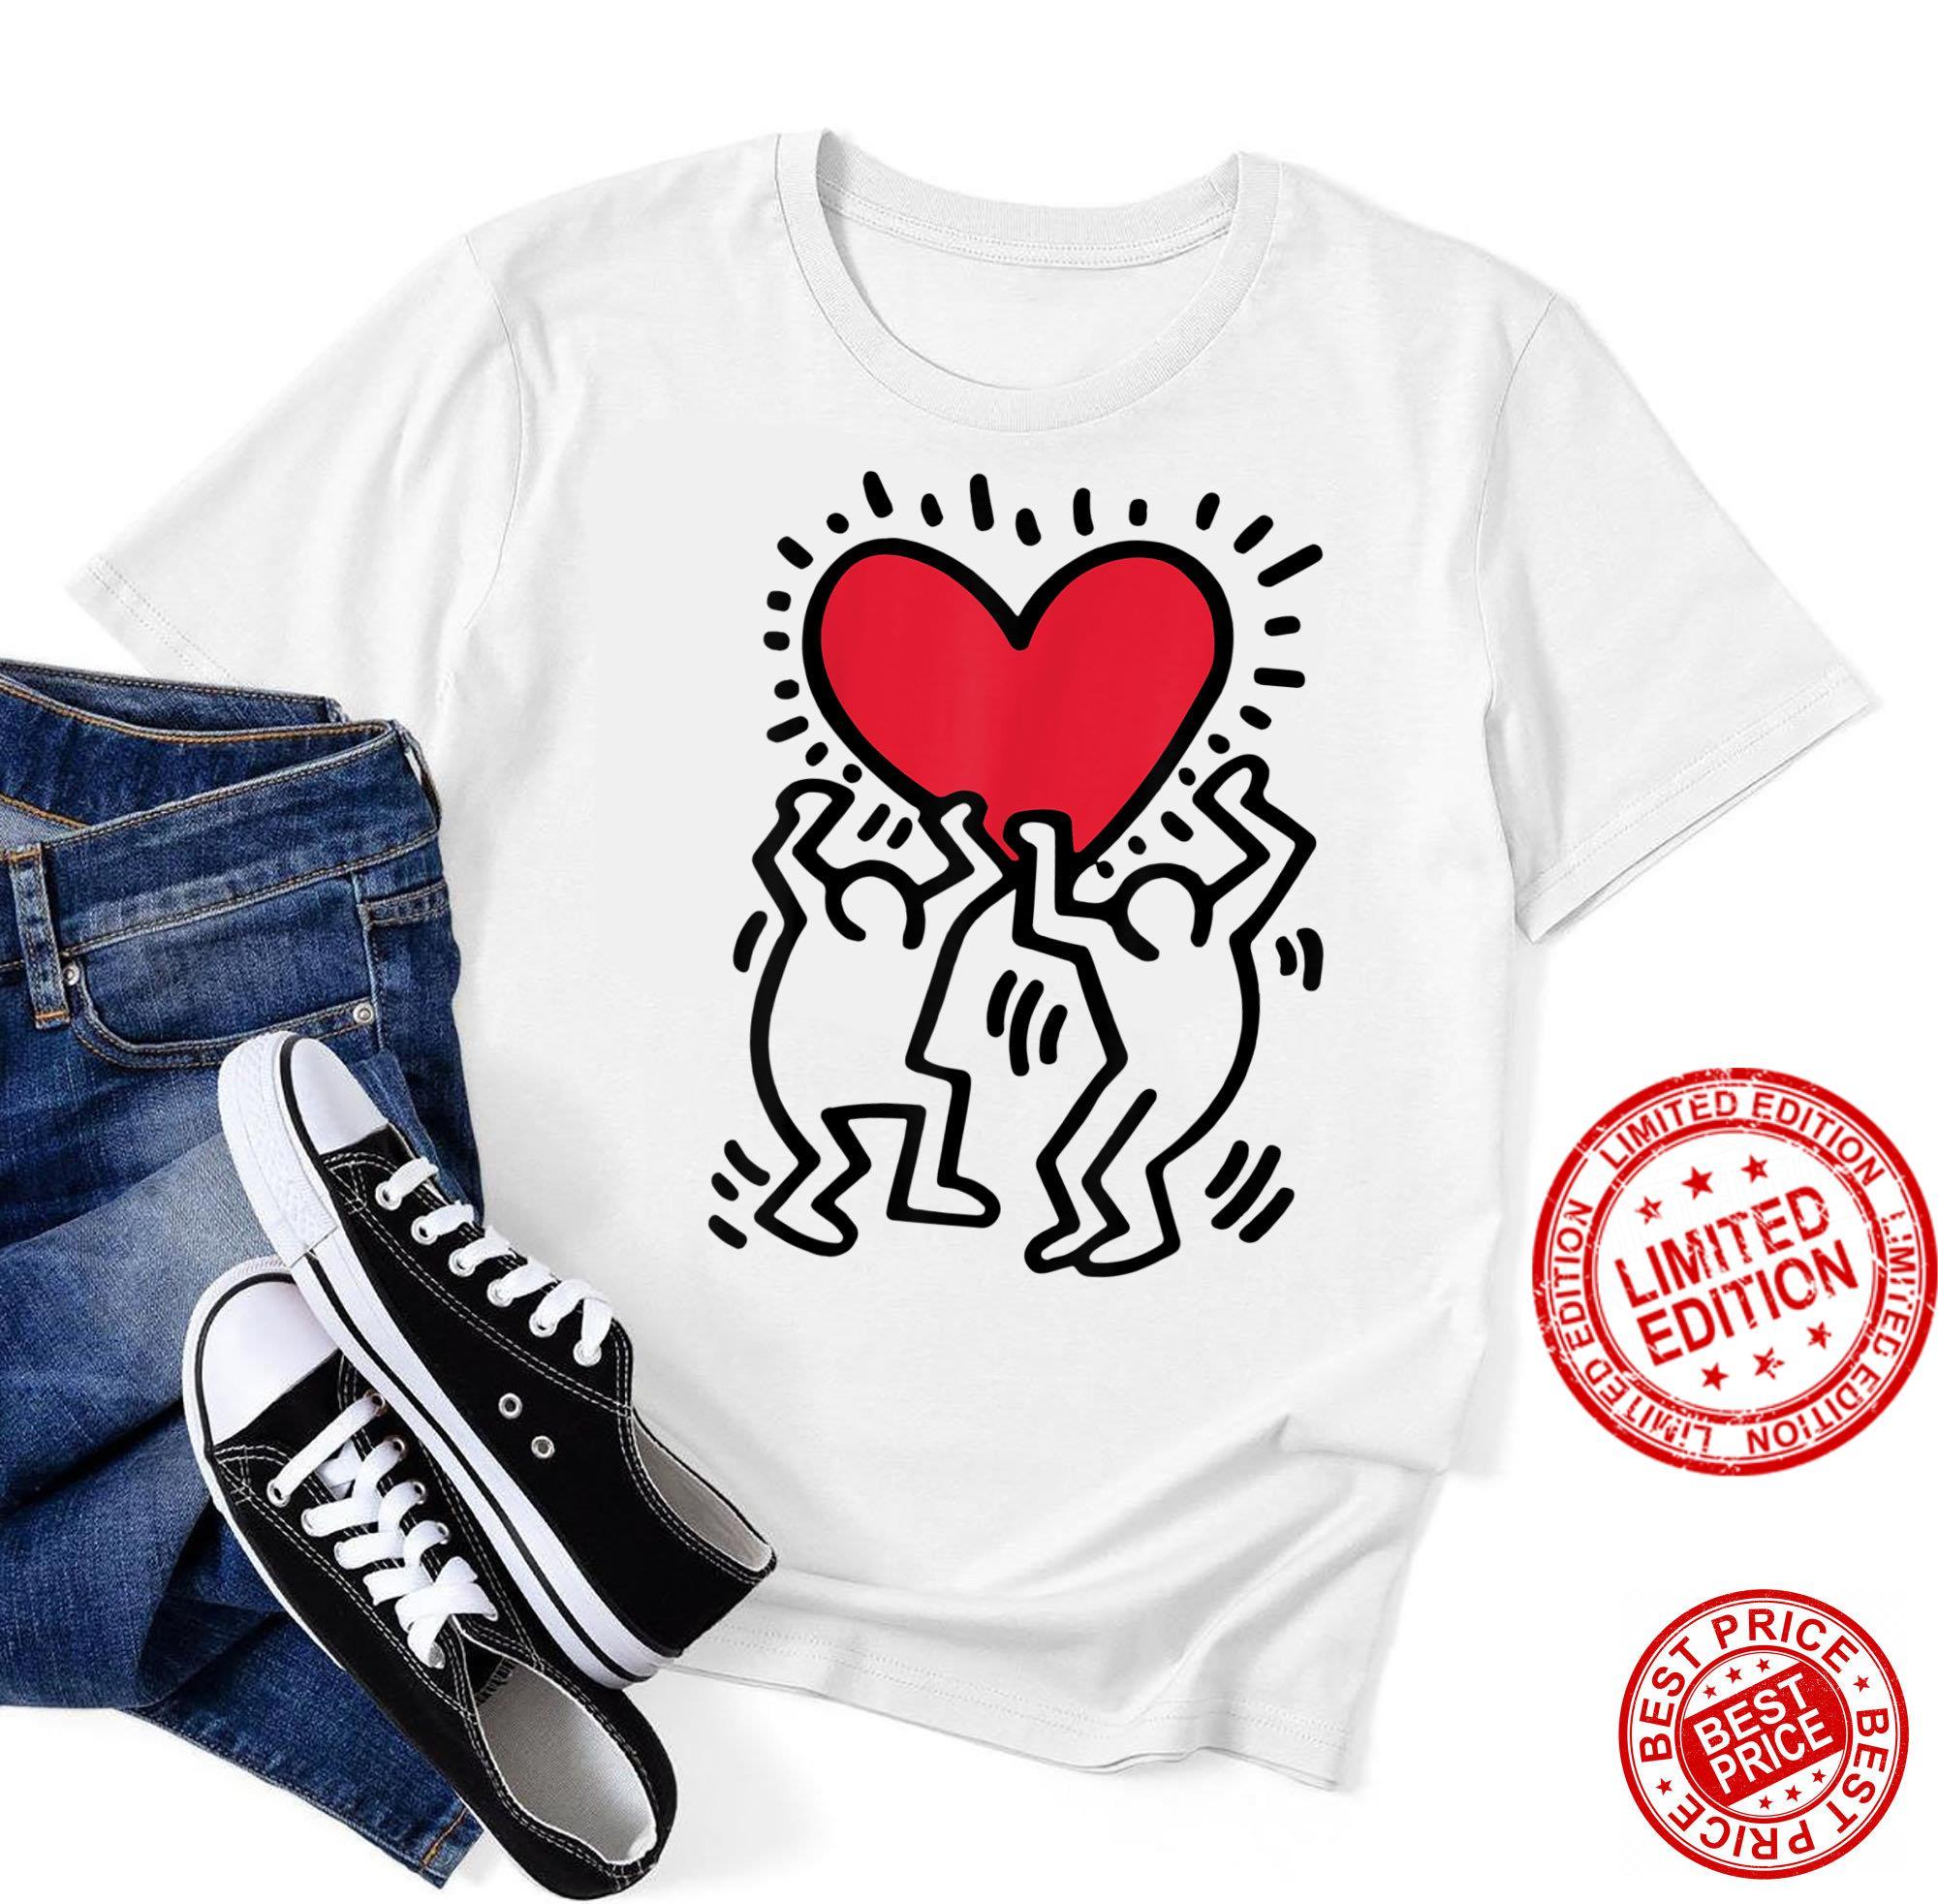 Keiths Harings Keiths Harings Heart Retro American Shirt